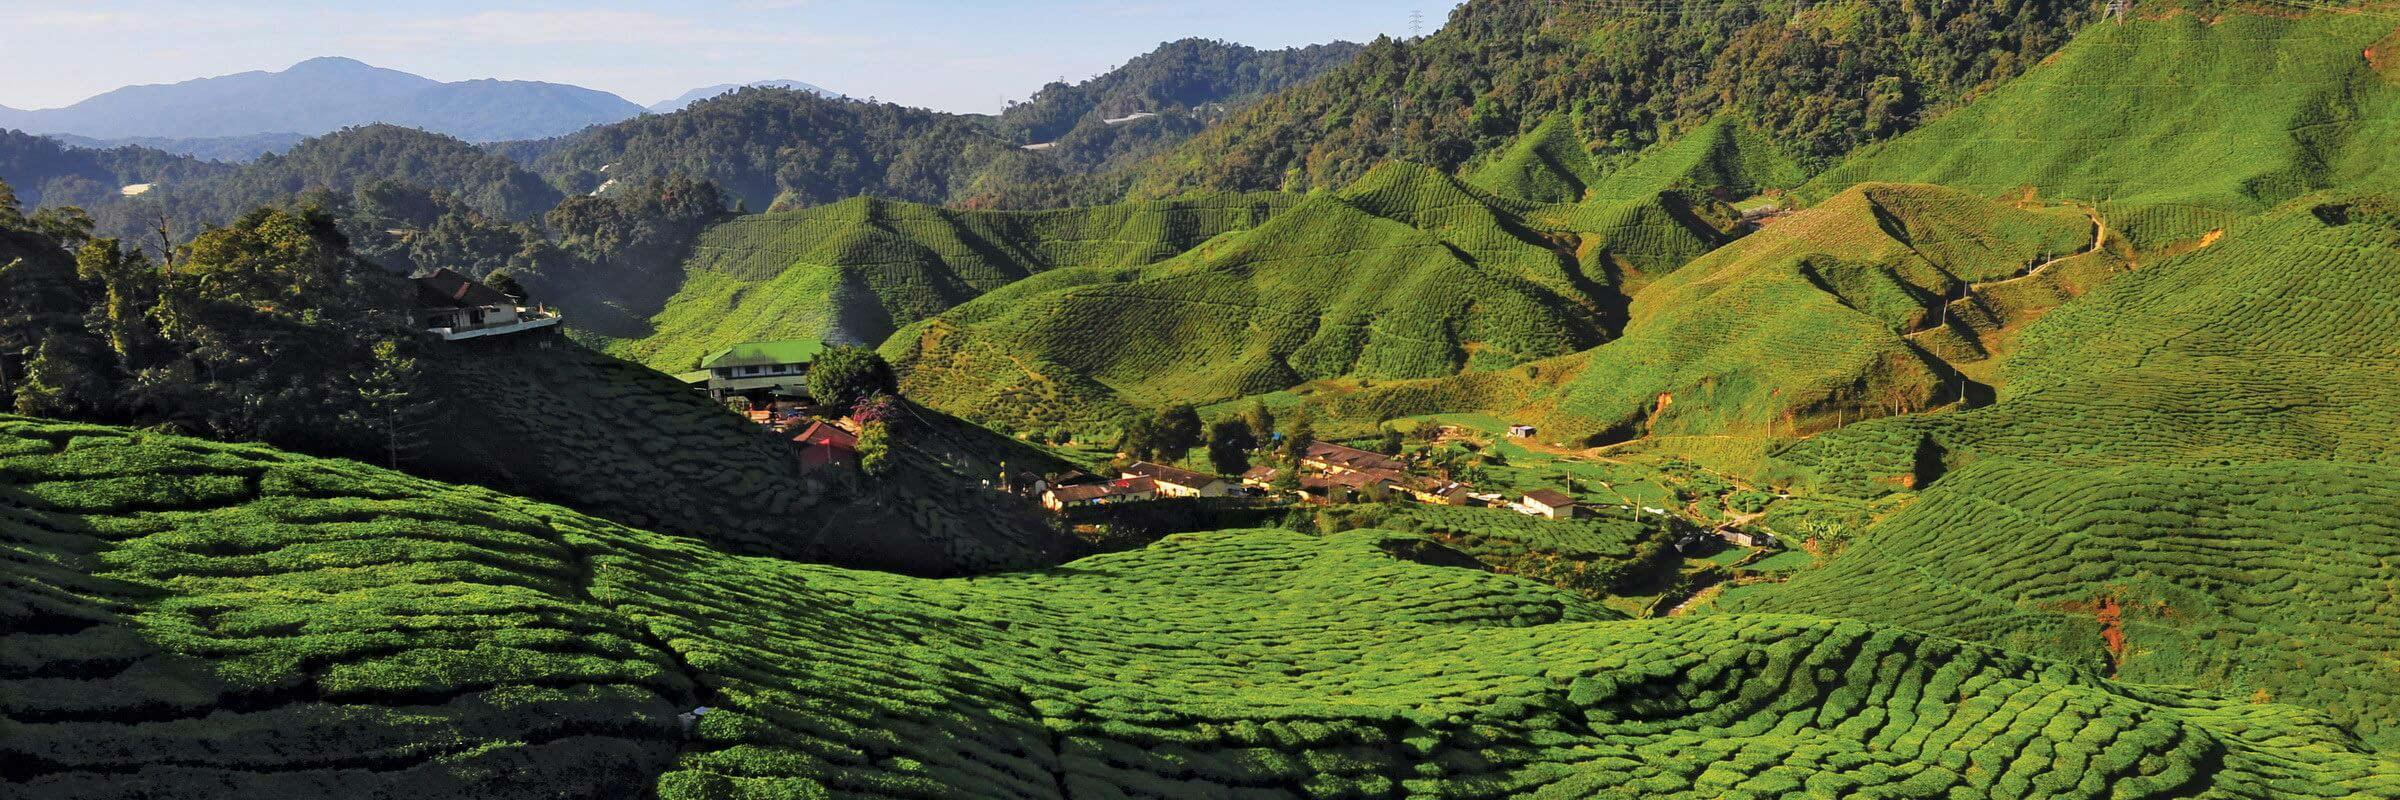 Aufgrund der kühlen Witterung gedeihen in den Cameron Highlands andere Pflanzen als in der malaysischen Ebene, vor allem wird aber Tee angebaut.